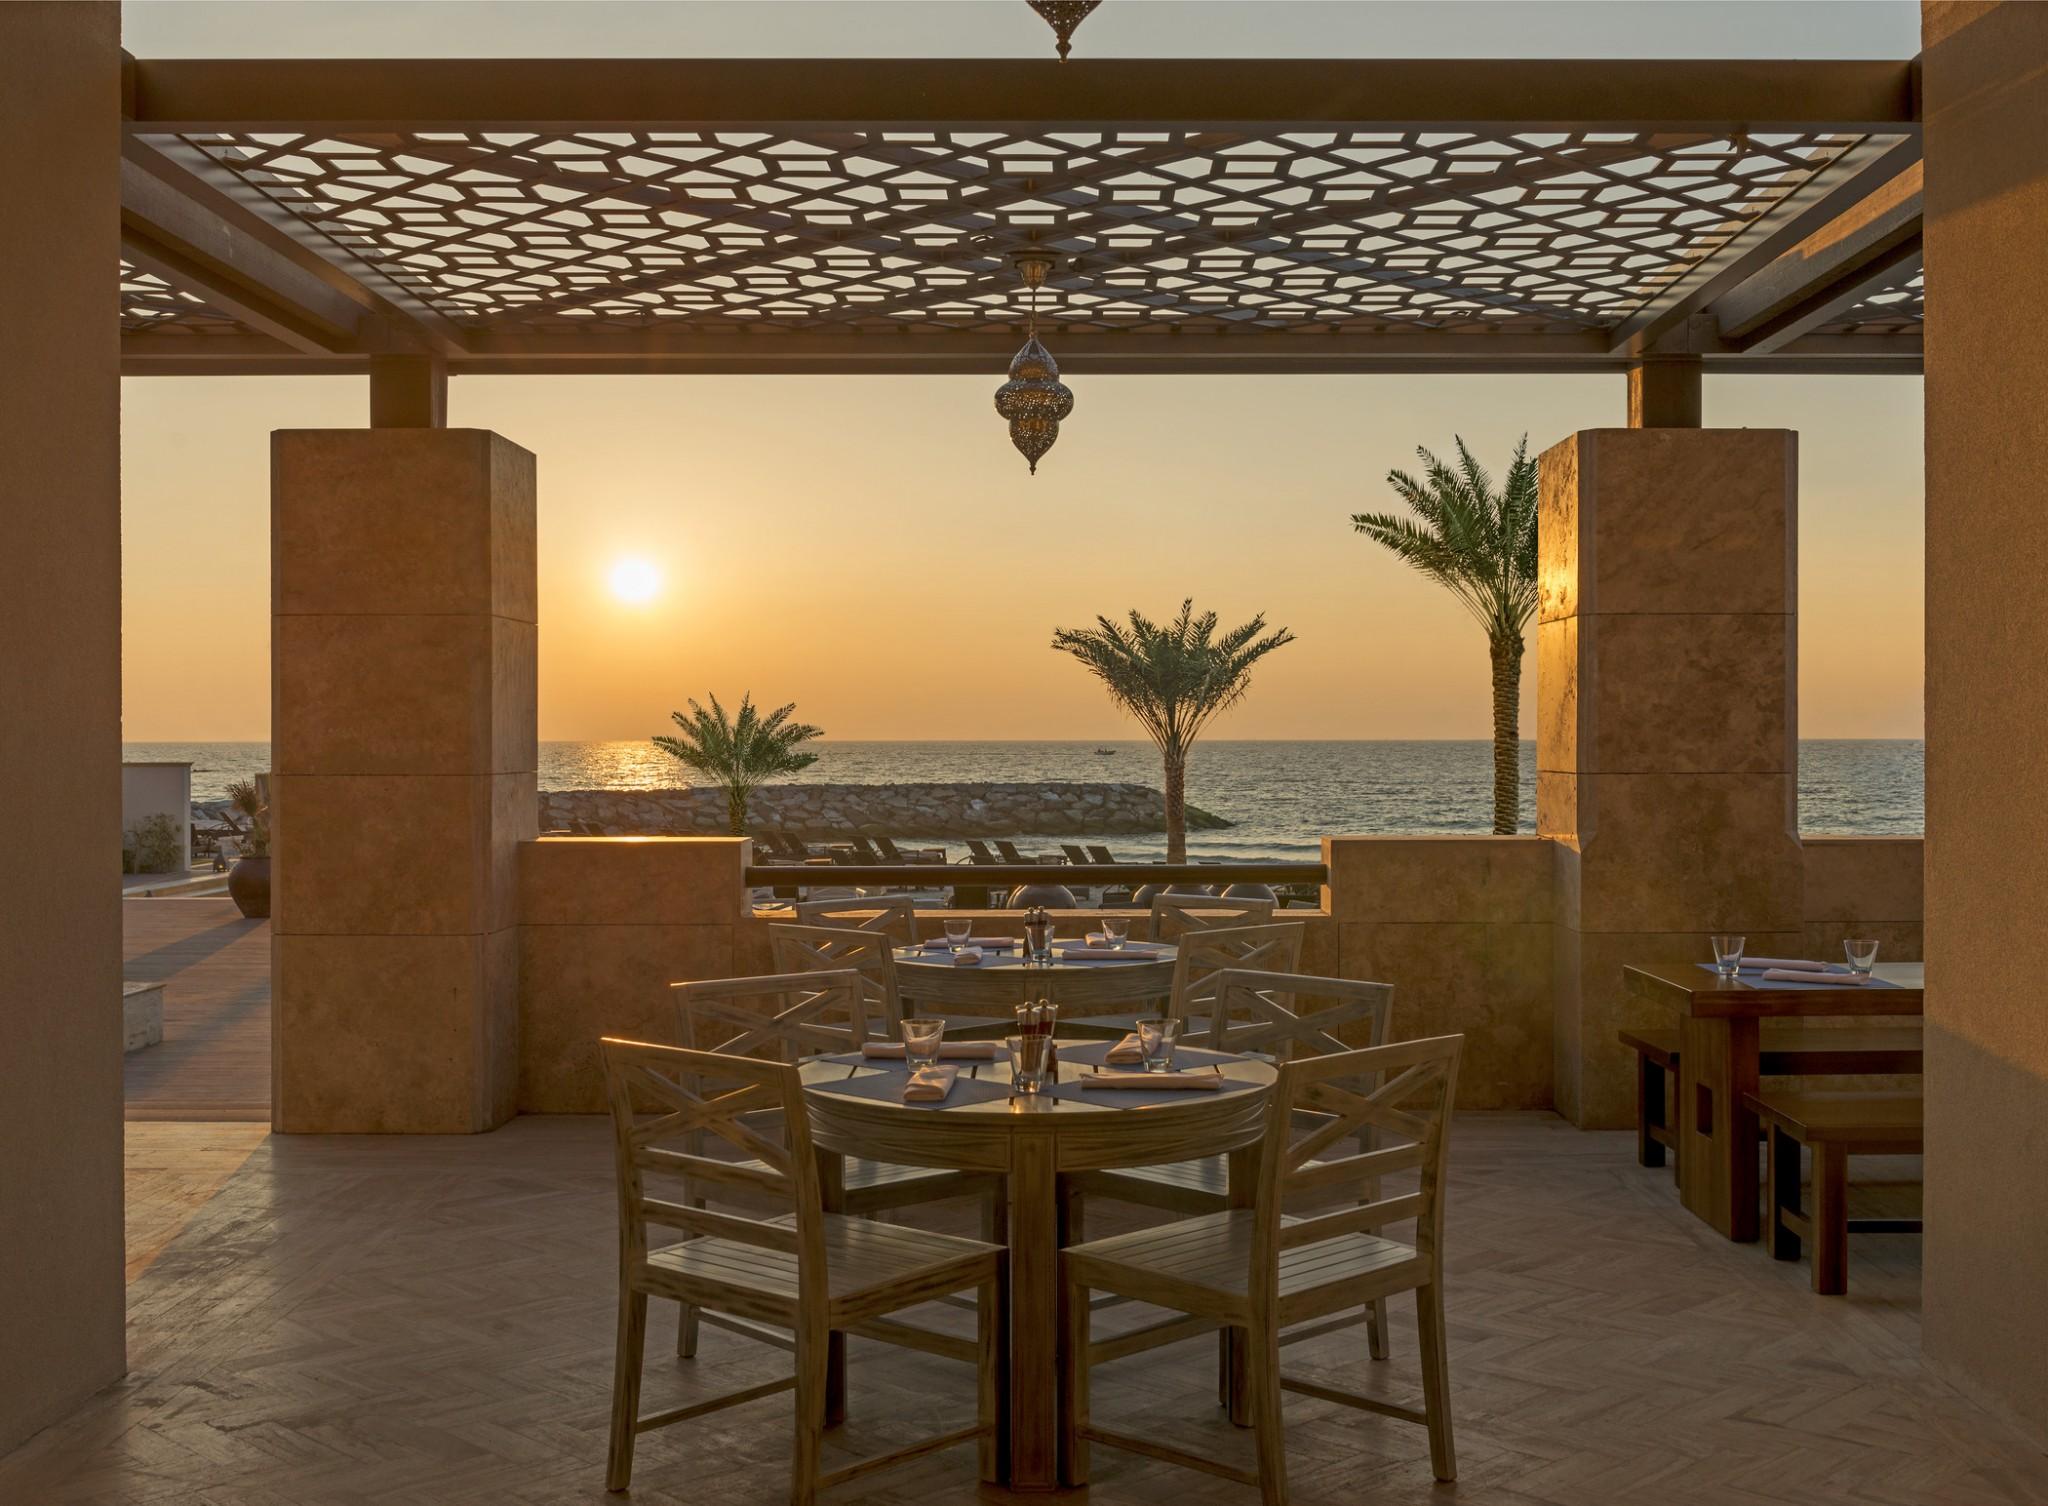 Ajman-Bab al Bahr - Sunset